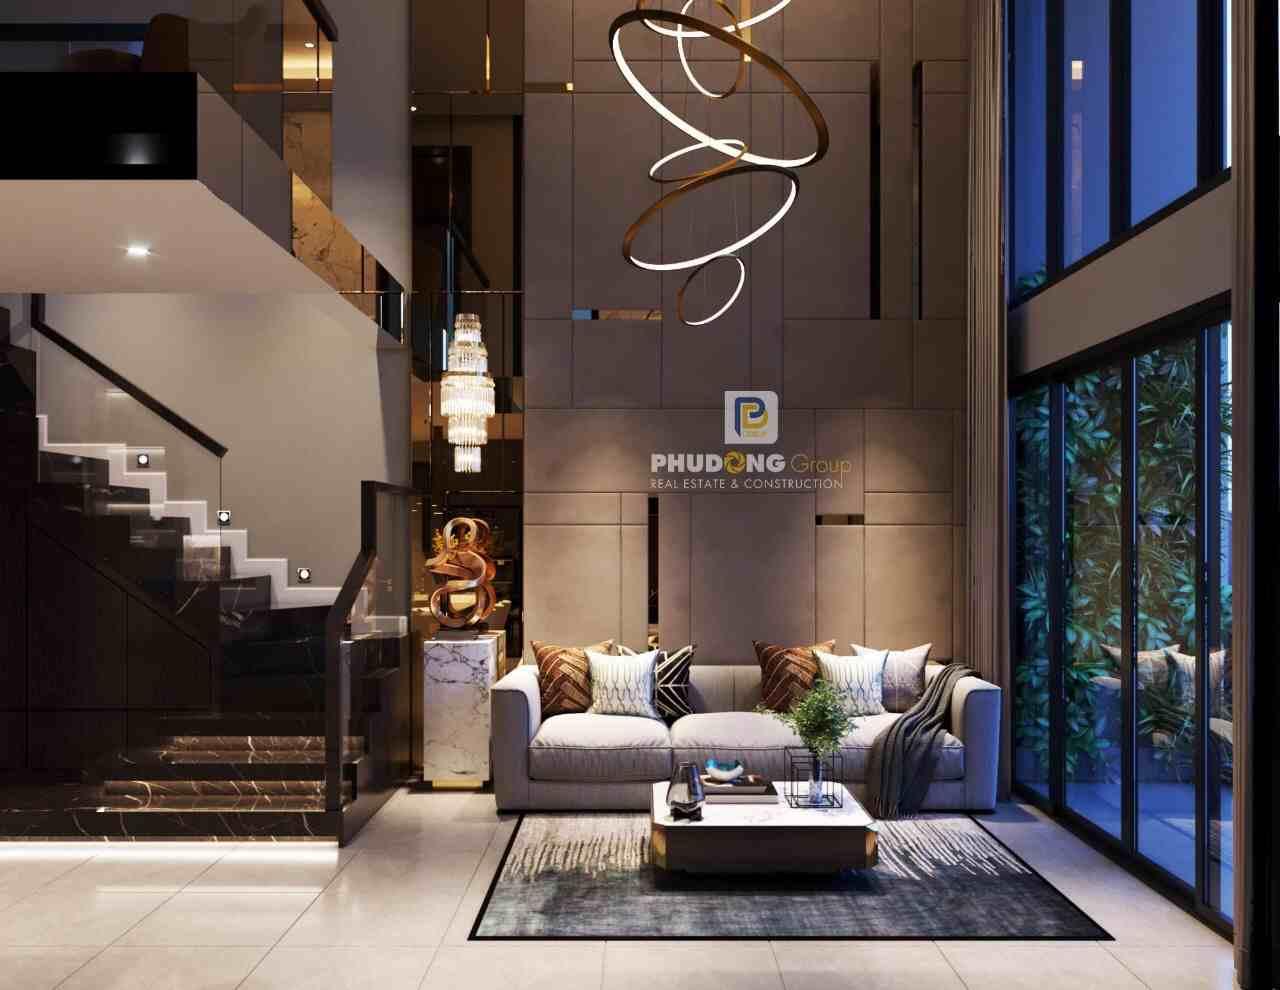 Thiết kế căn hộ phú đông smart city